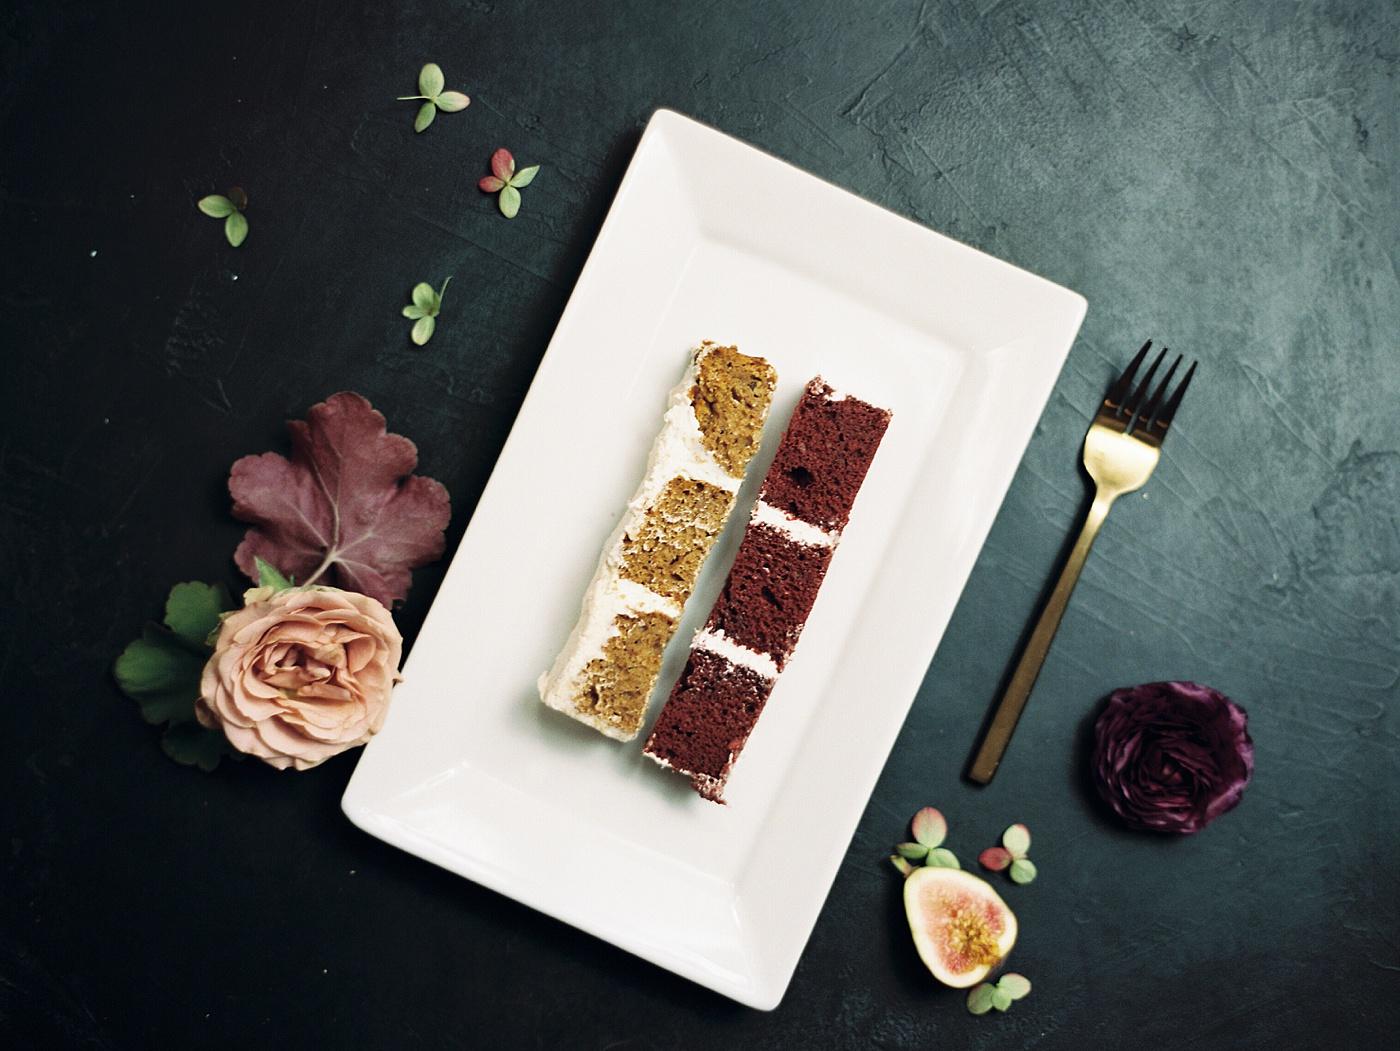 wedding cake by cakery bakery